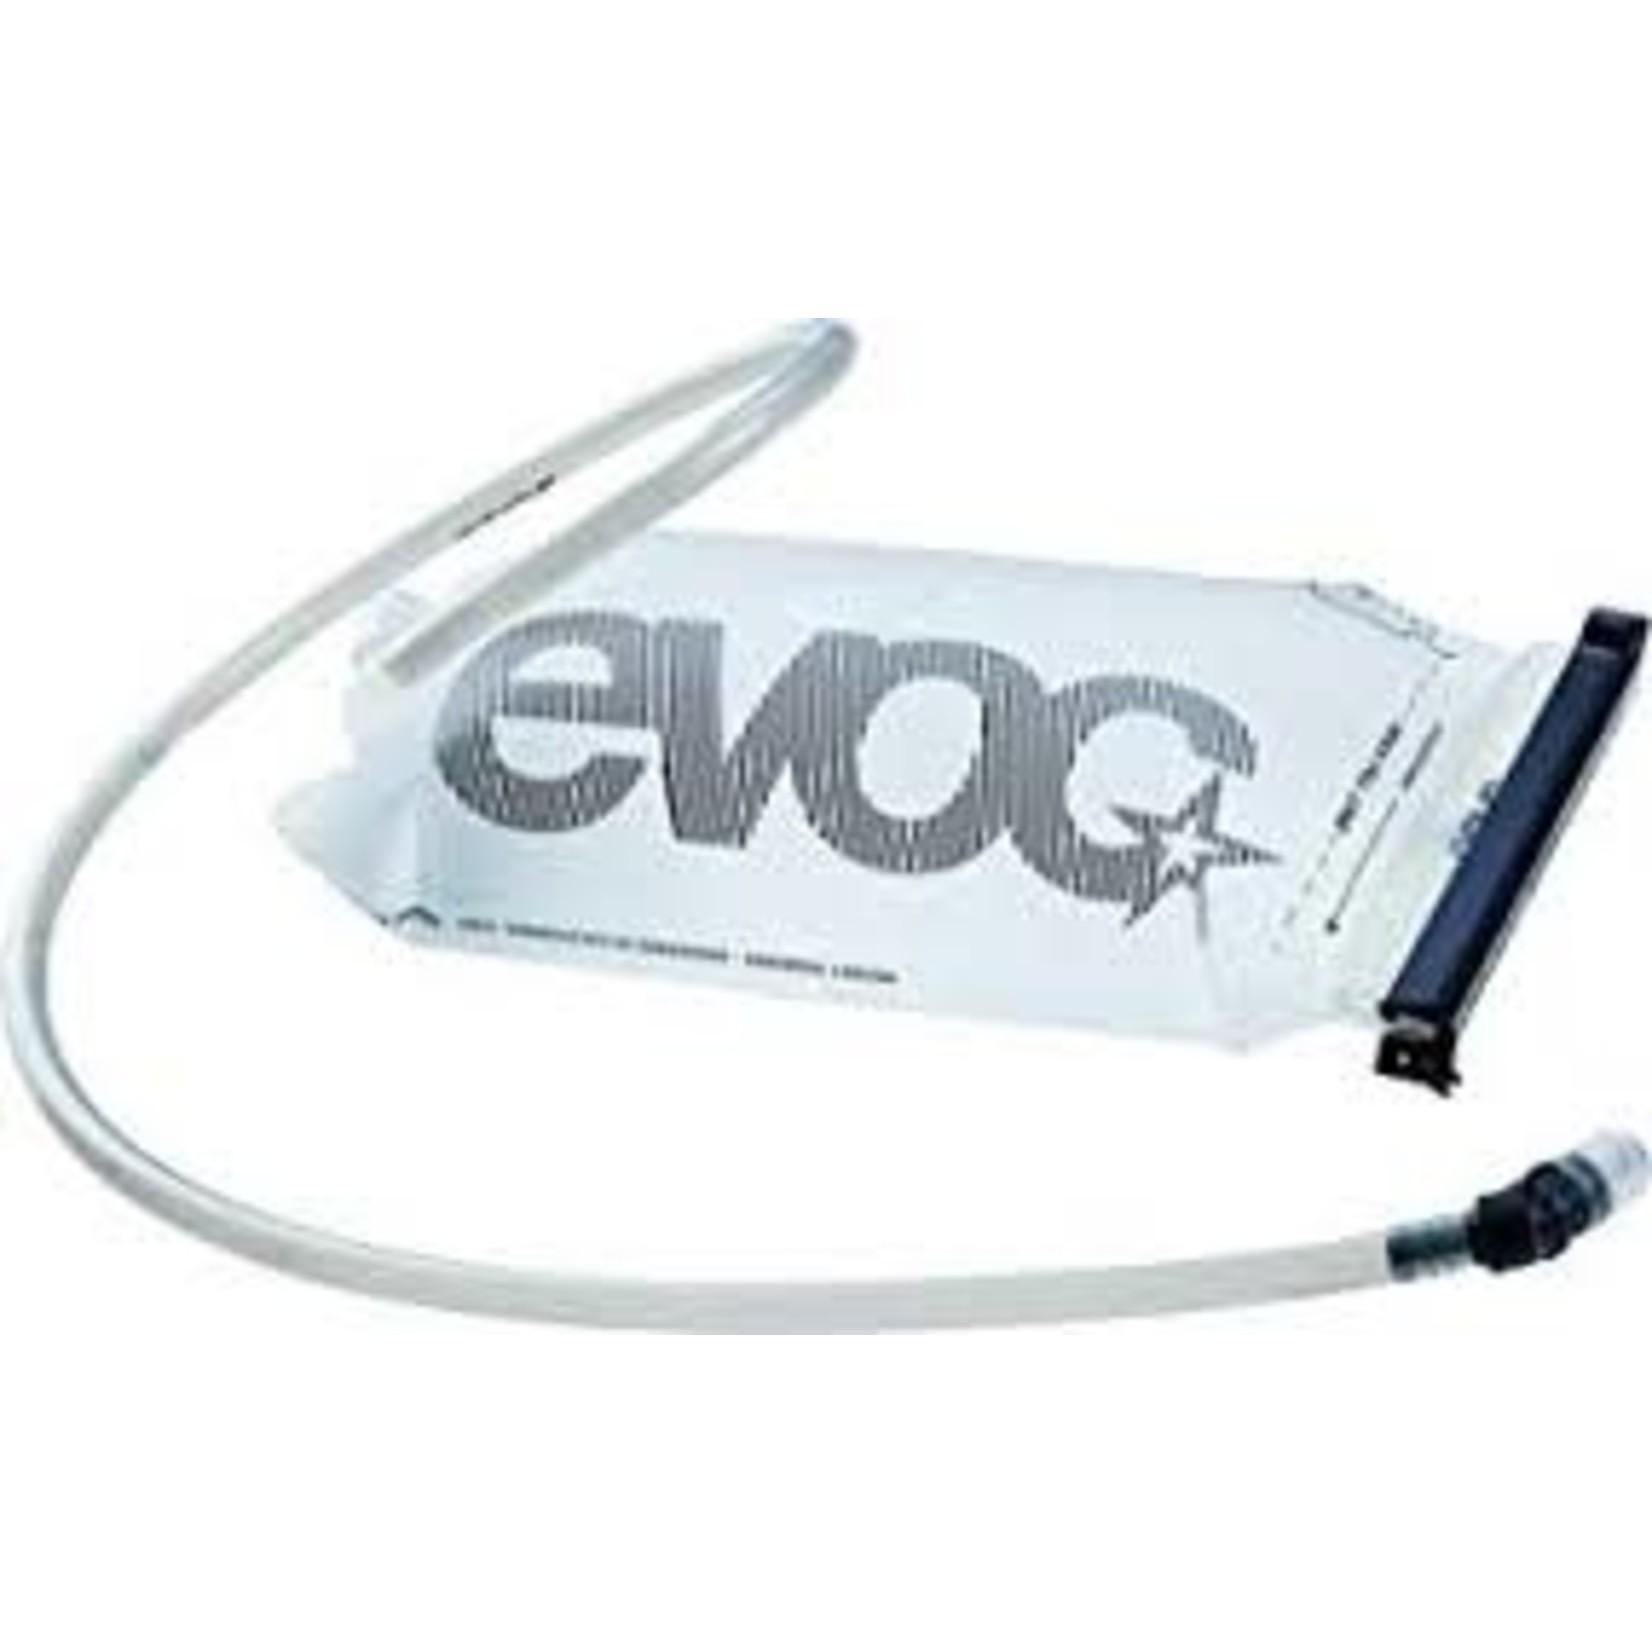 EVOC Evoc - Sacca Hidration Bladder 3L